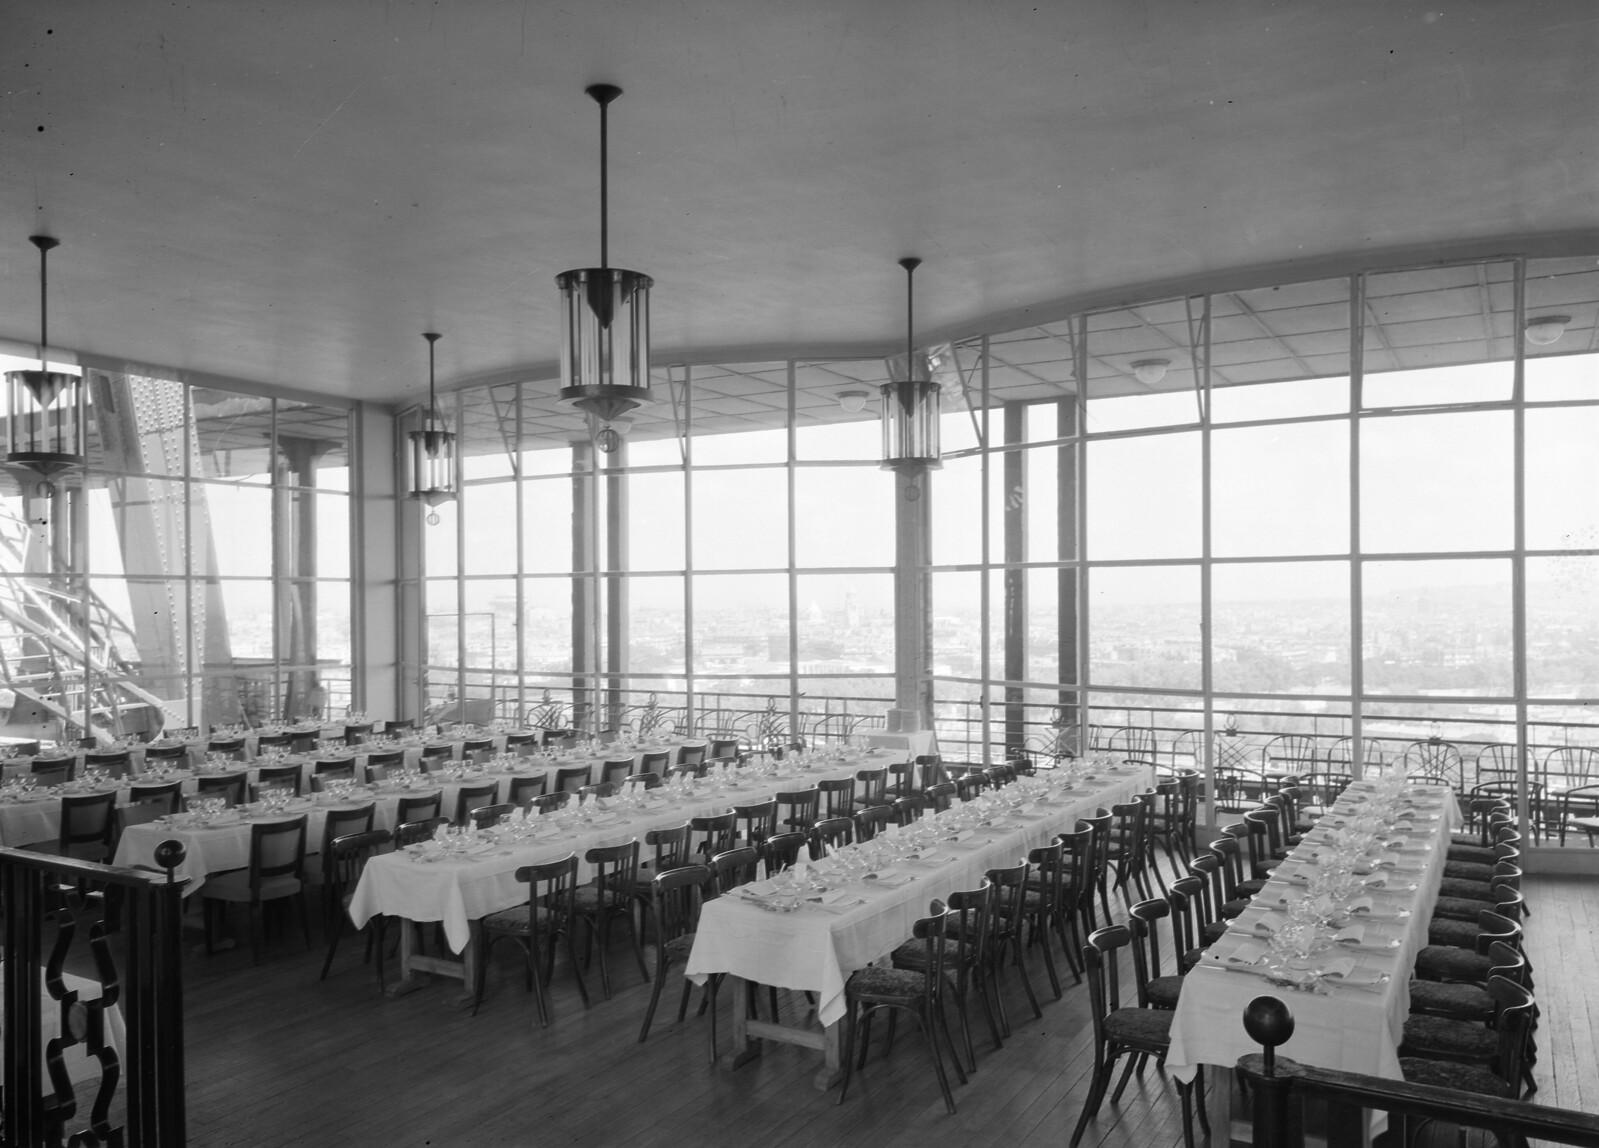 02. Эйфелева башня. Ресторанный зал на втором этаже. 7 округ